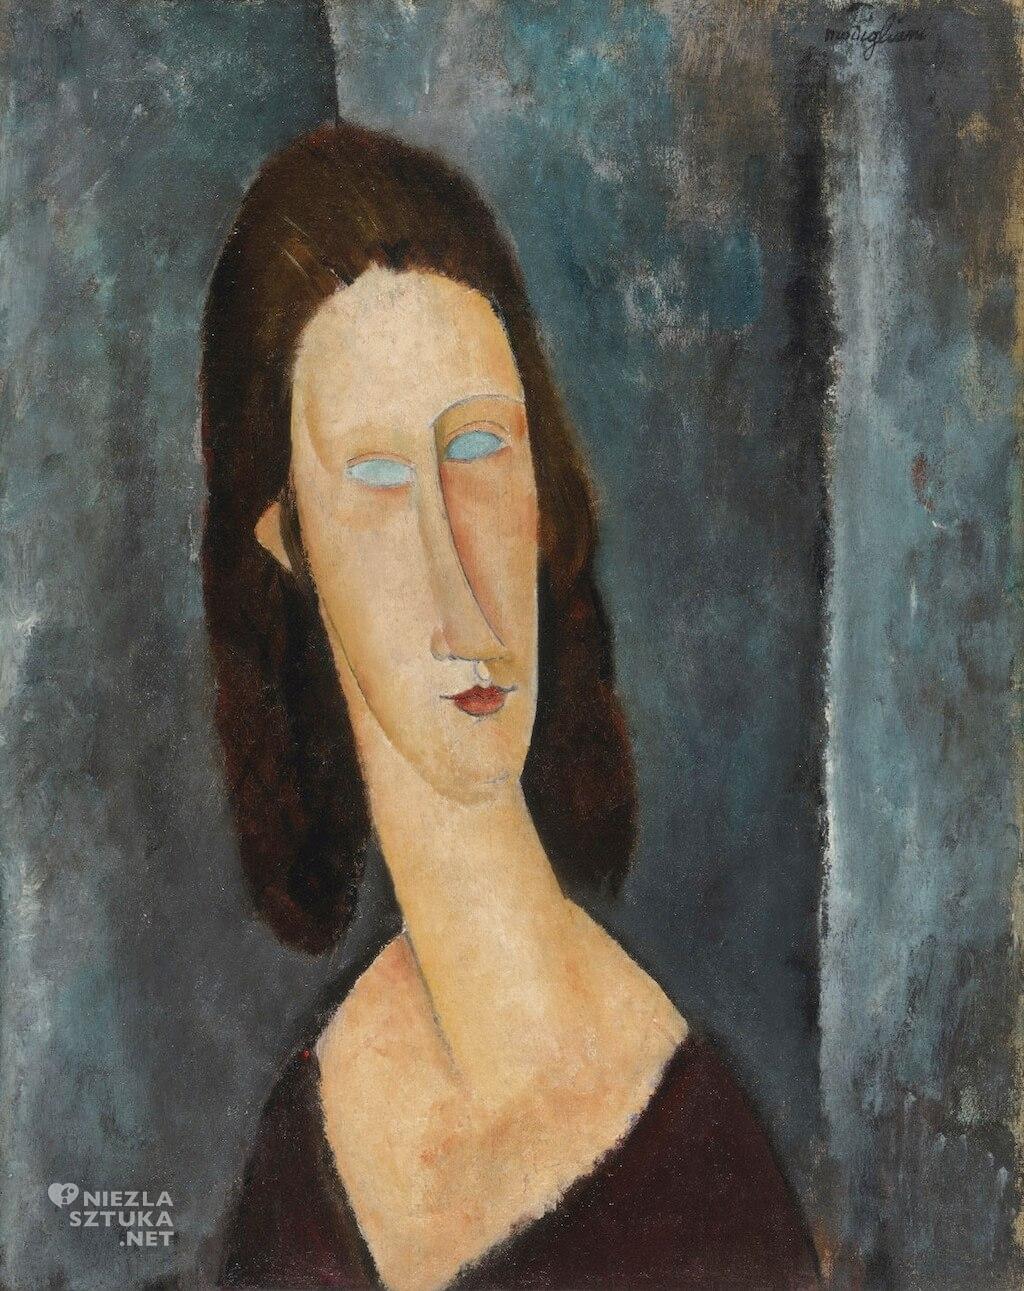 Amedeo Modigliani, Niebieskie oczy, Jeanne Hebuterne, portret, kobieta, Niezła sztuka